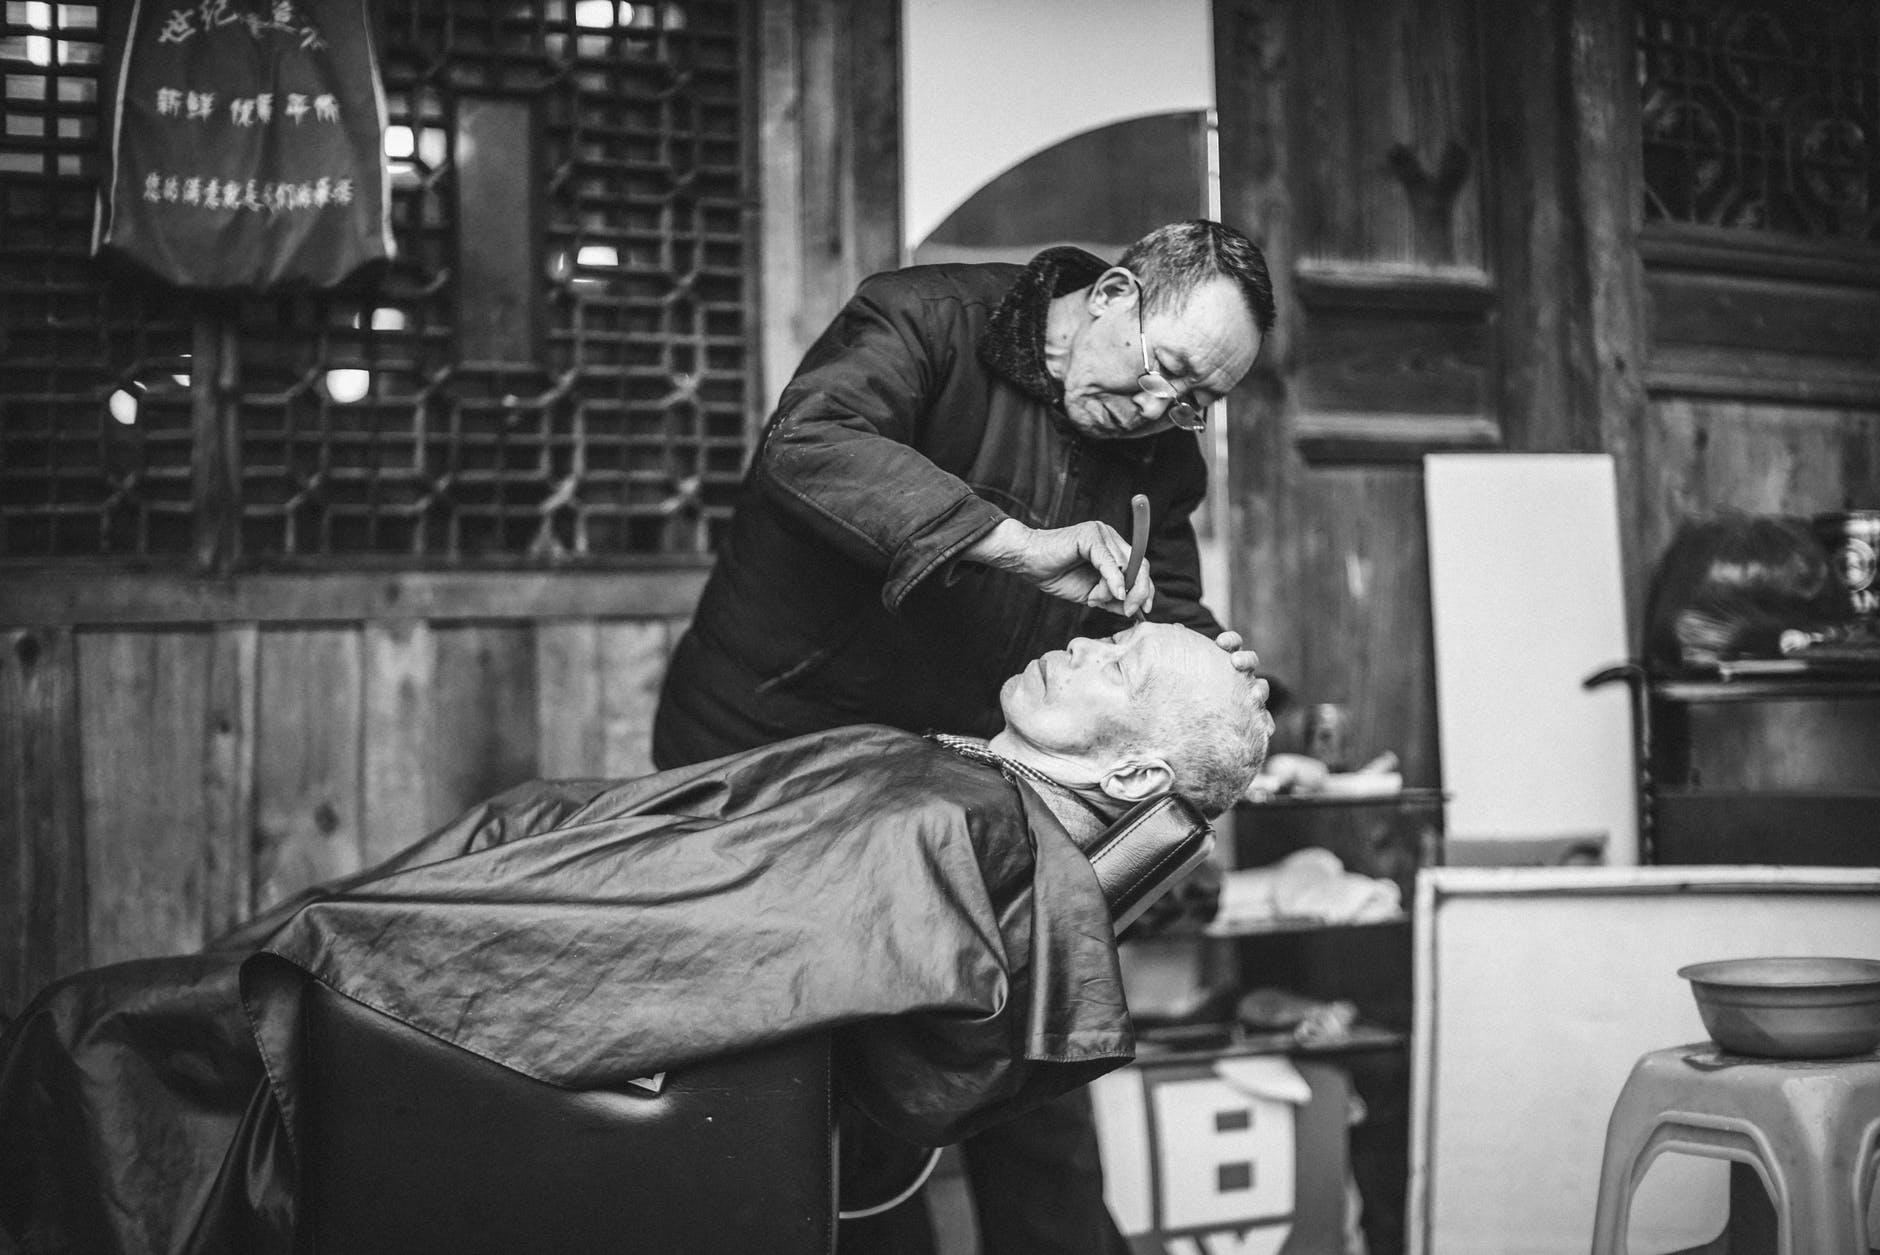 Beim Friseurbesuch wird das Haarewaschen zur Pflicht